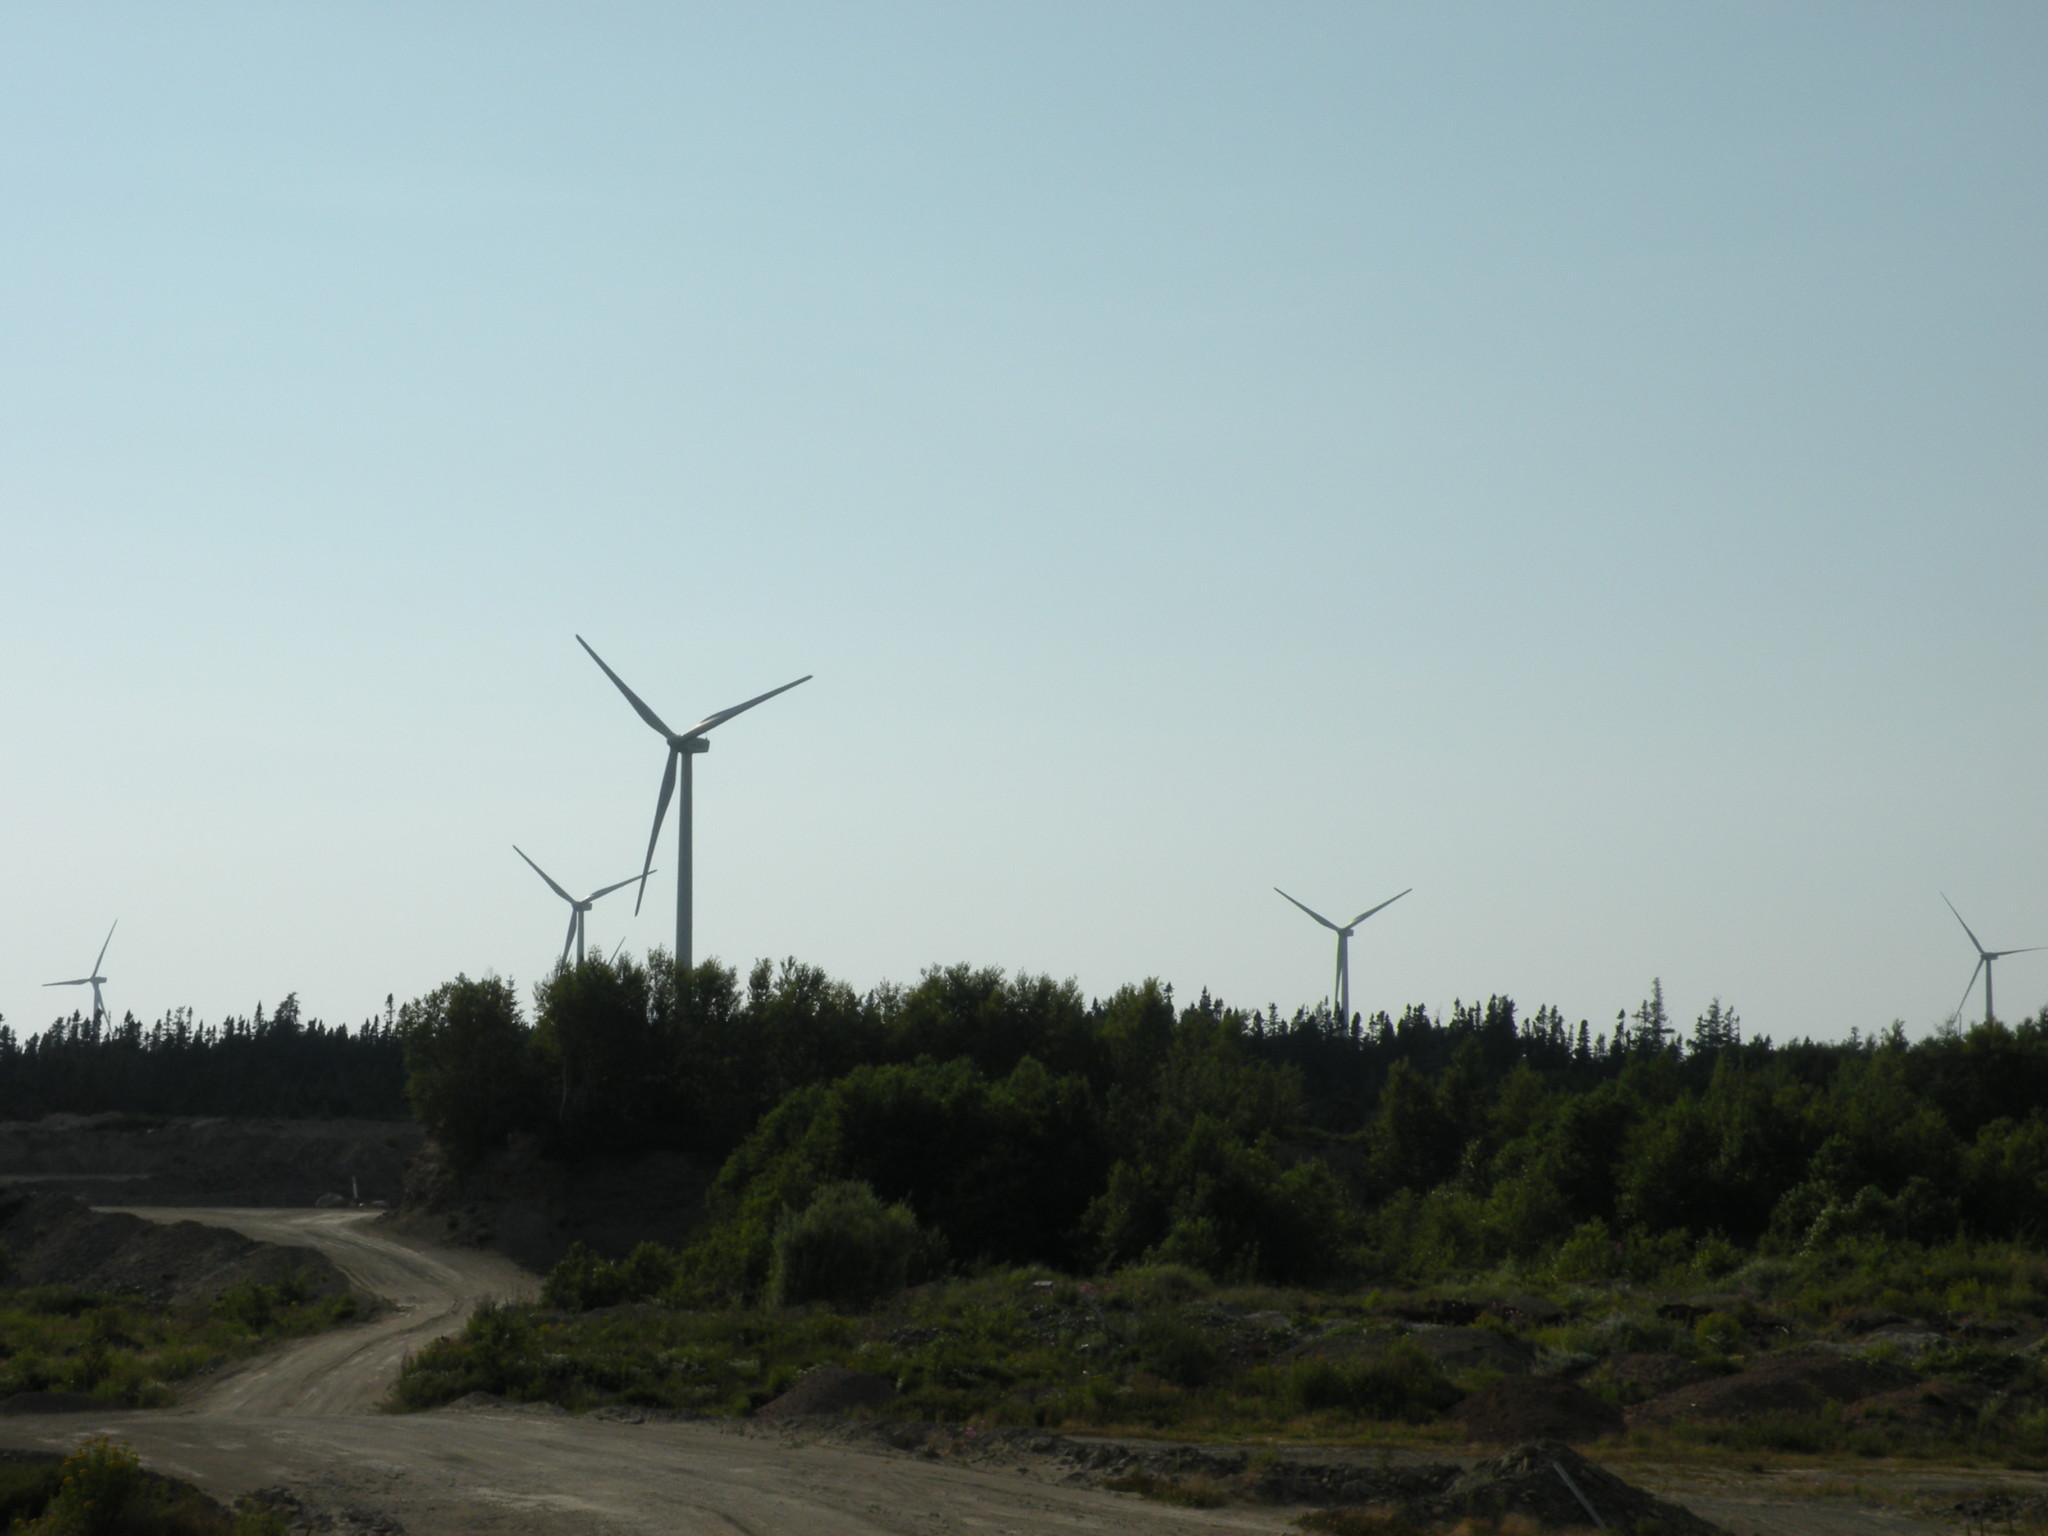 canada investit modernisation reseau electrique enr - L'Energeek